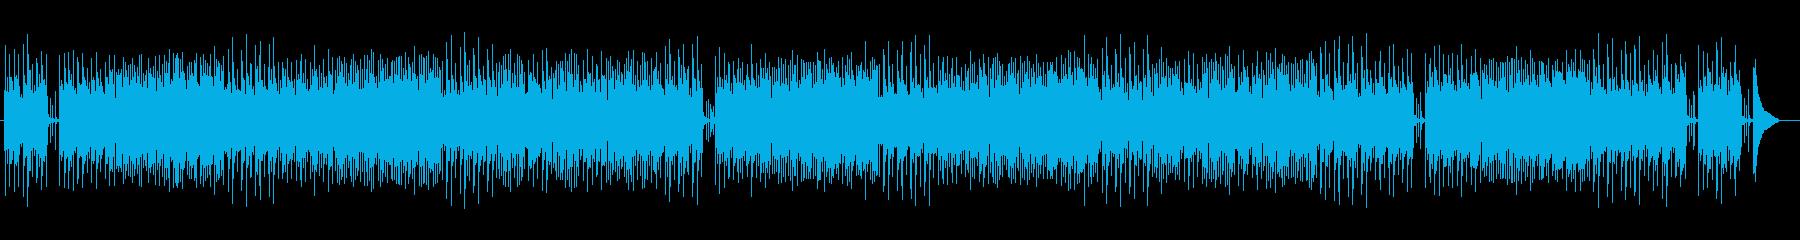 シンプルで優しいピアノとアコギバラードの再生済みの波形